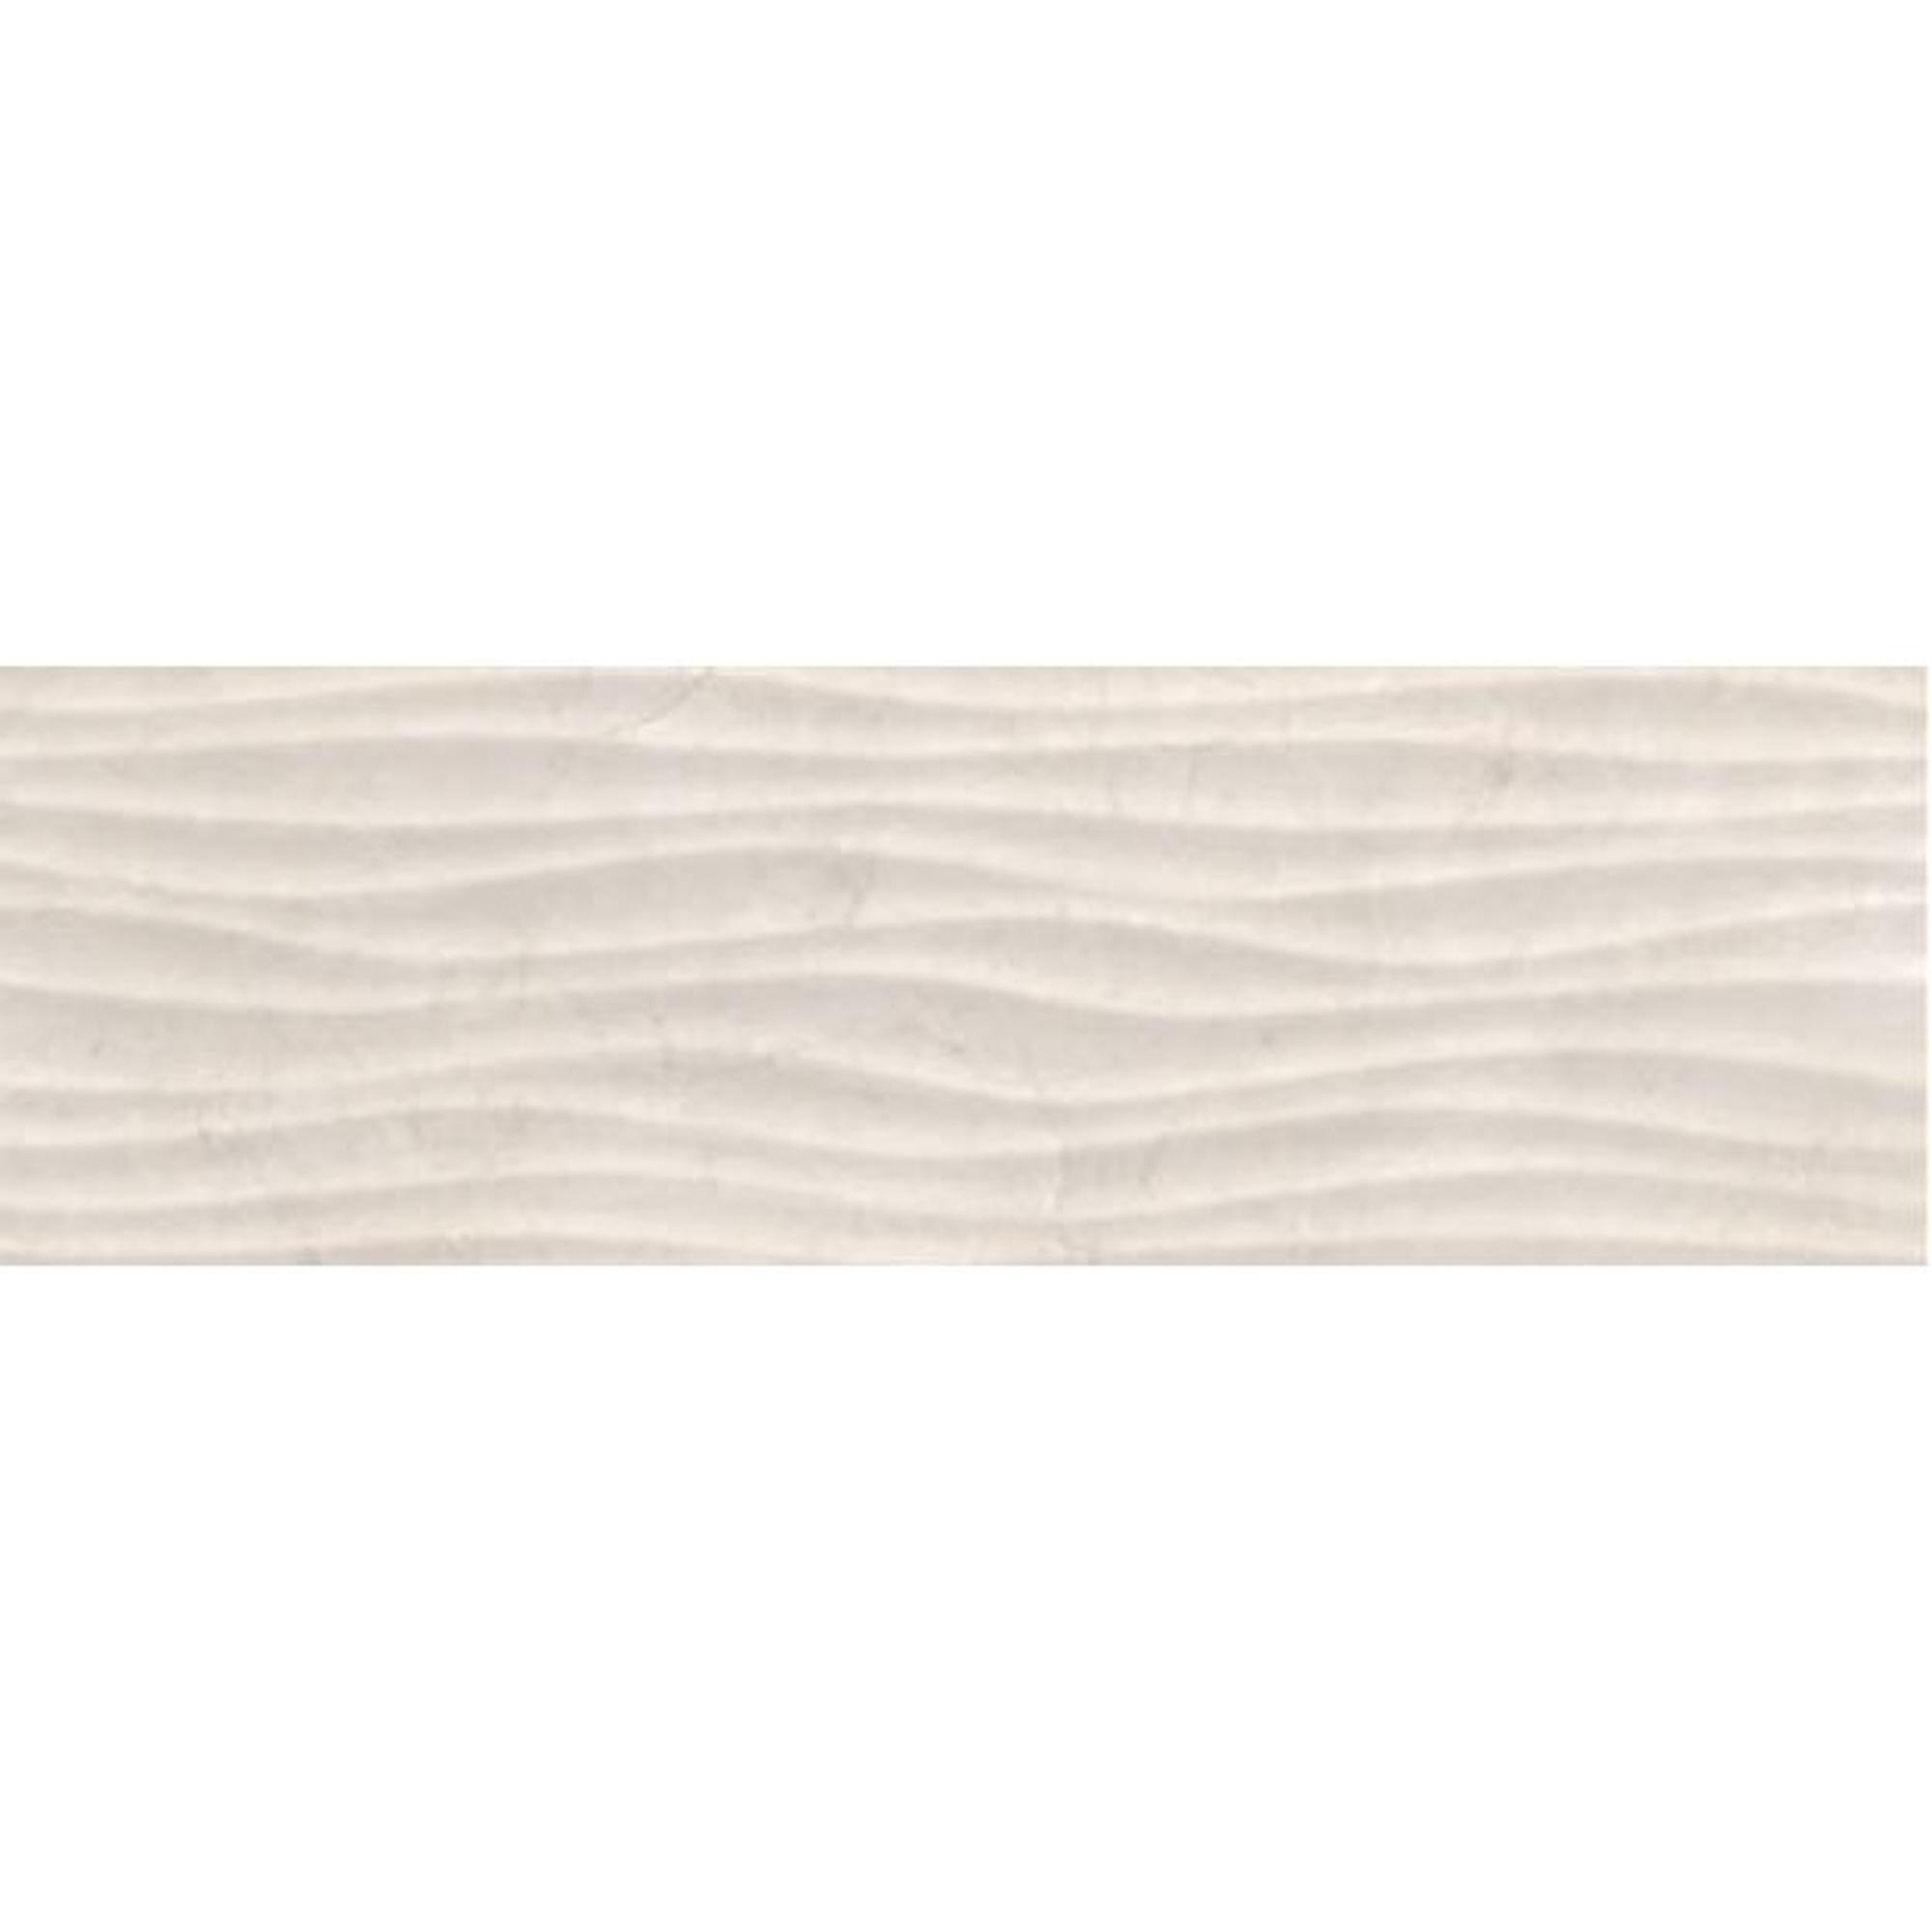 Плитка Undefasa Crema Natural Twist 31,5x100 см